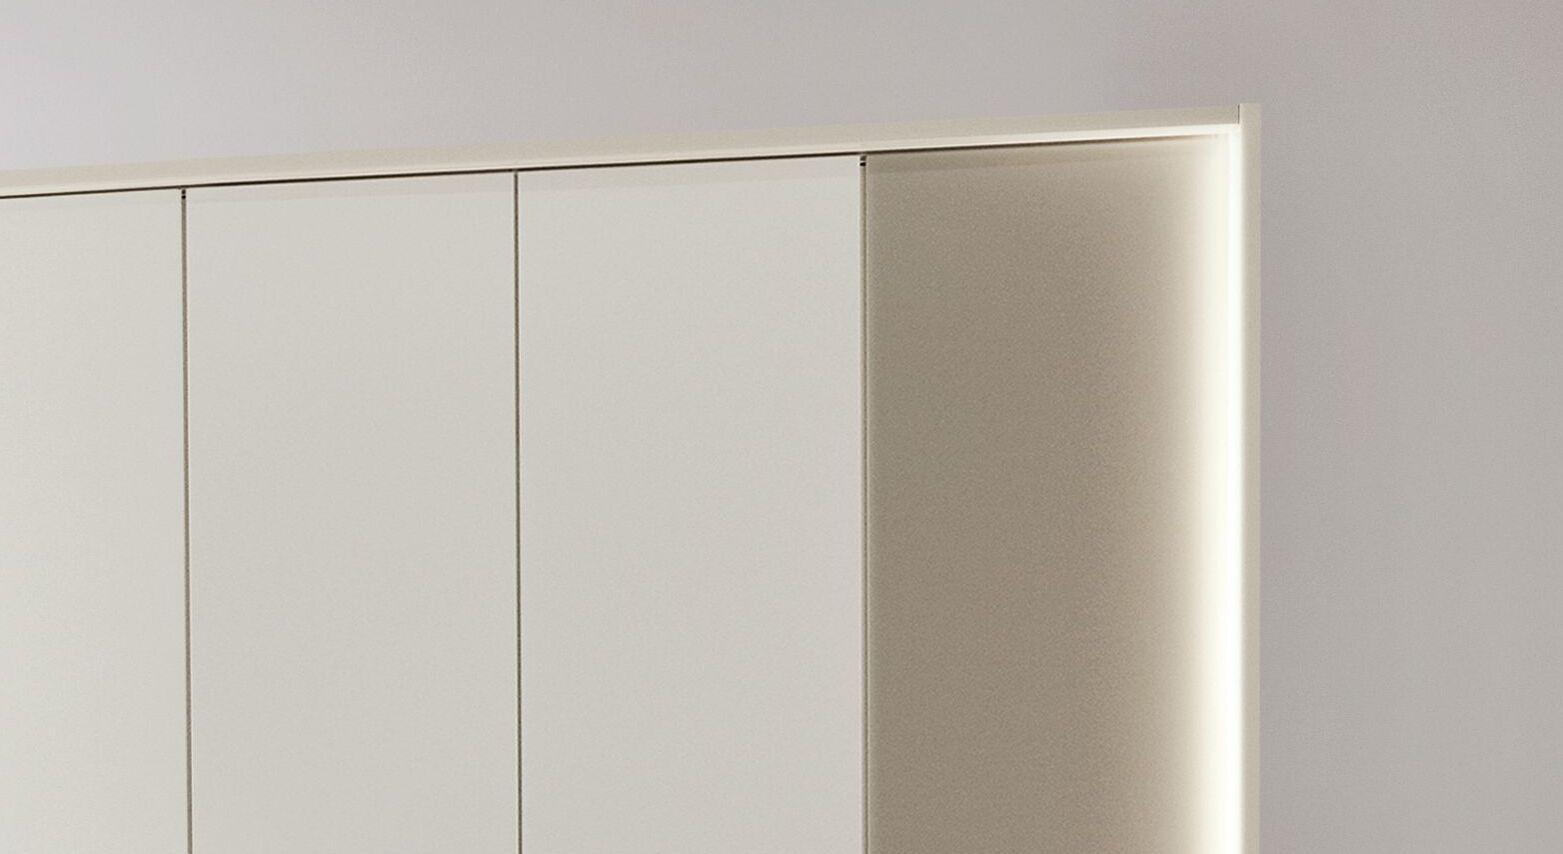 MUSTERRING Drehtüren-Kleiderschrank San Diego Weiß mit optionaler Umrahmung